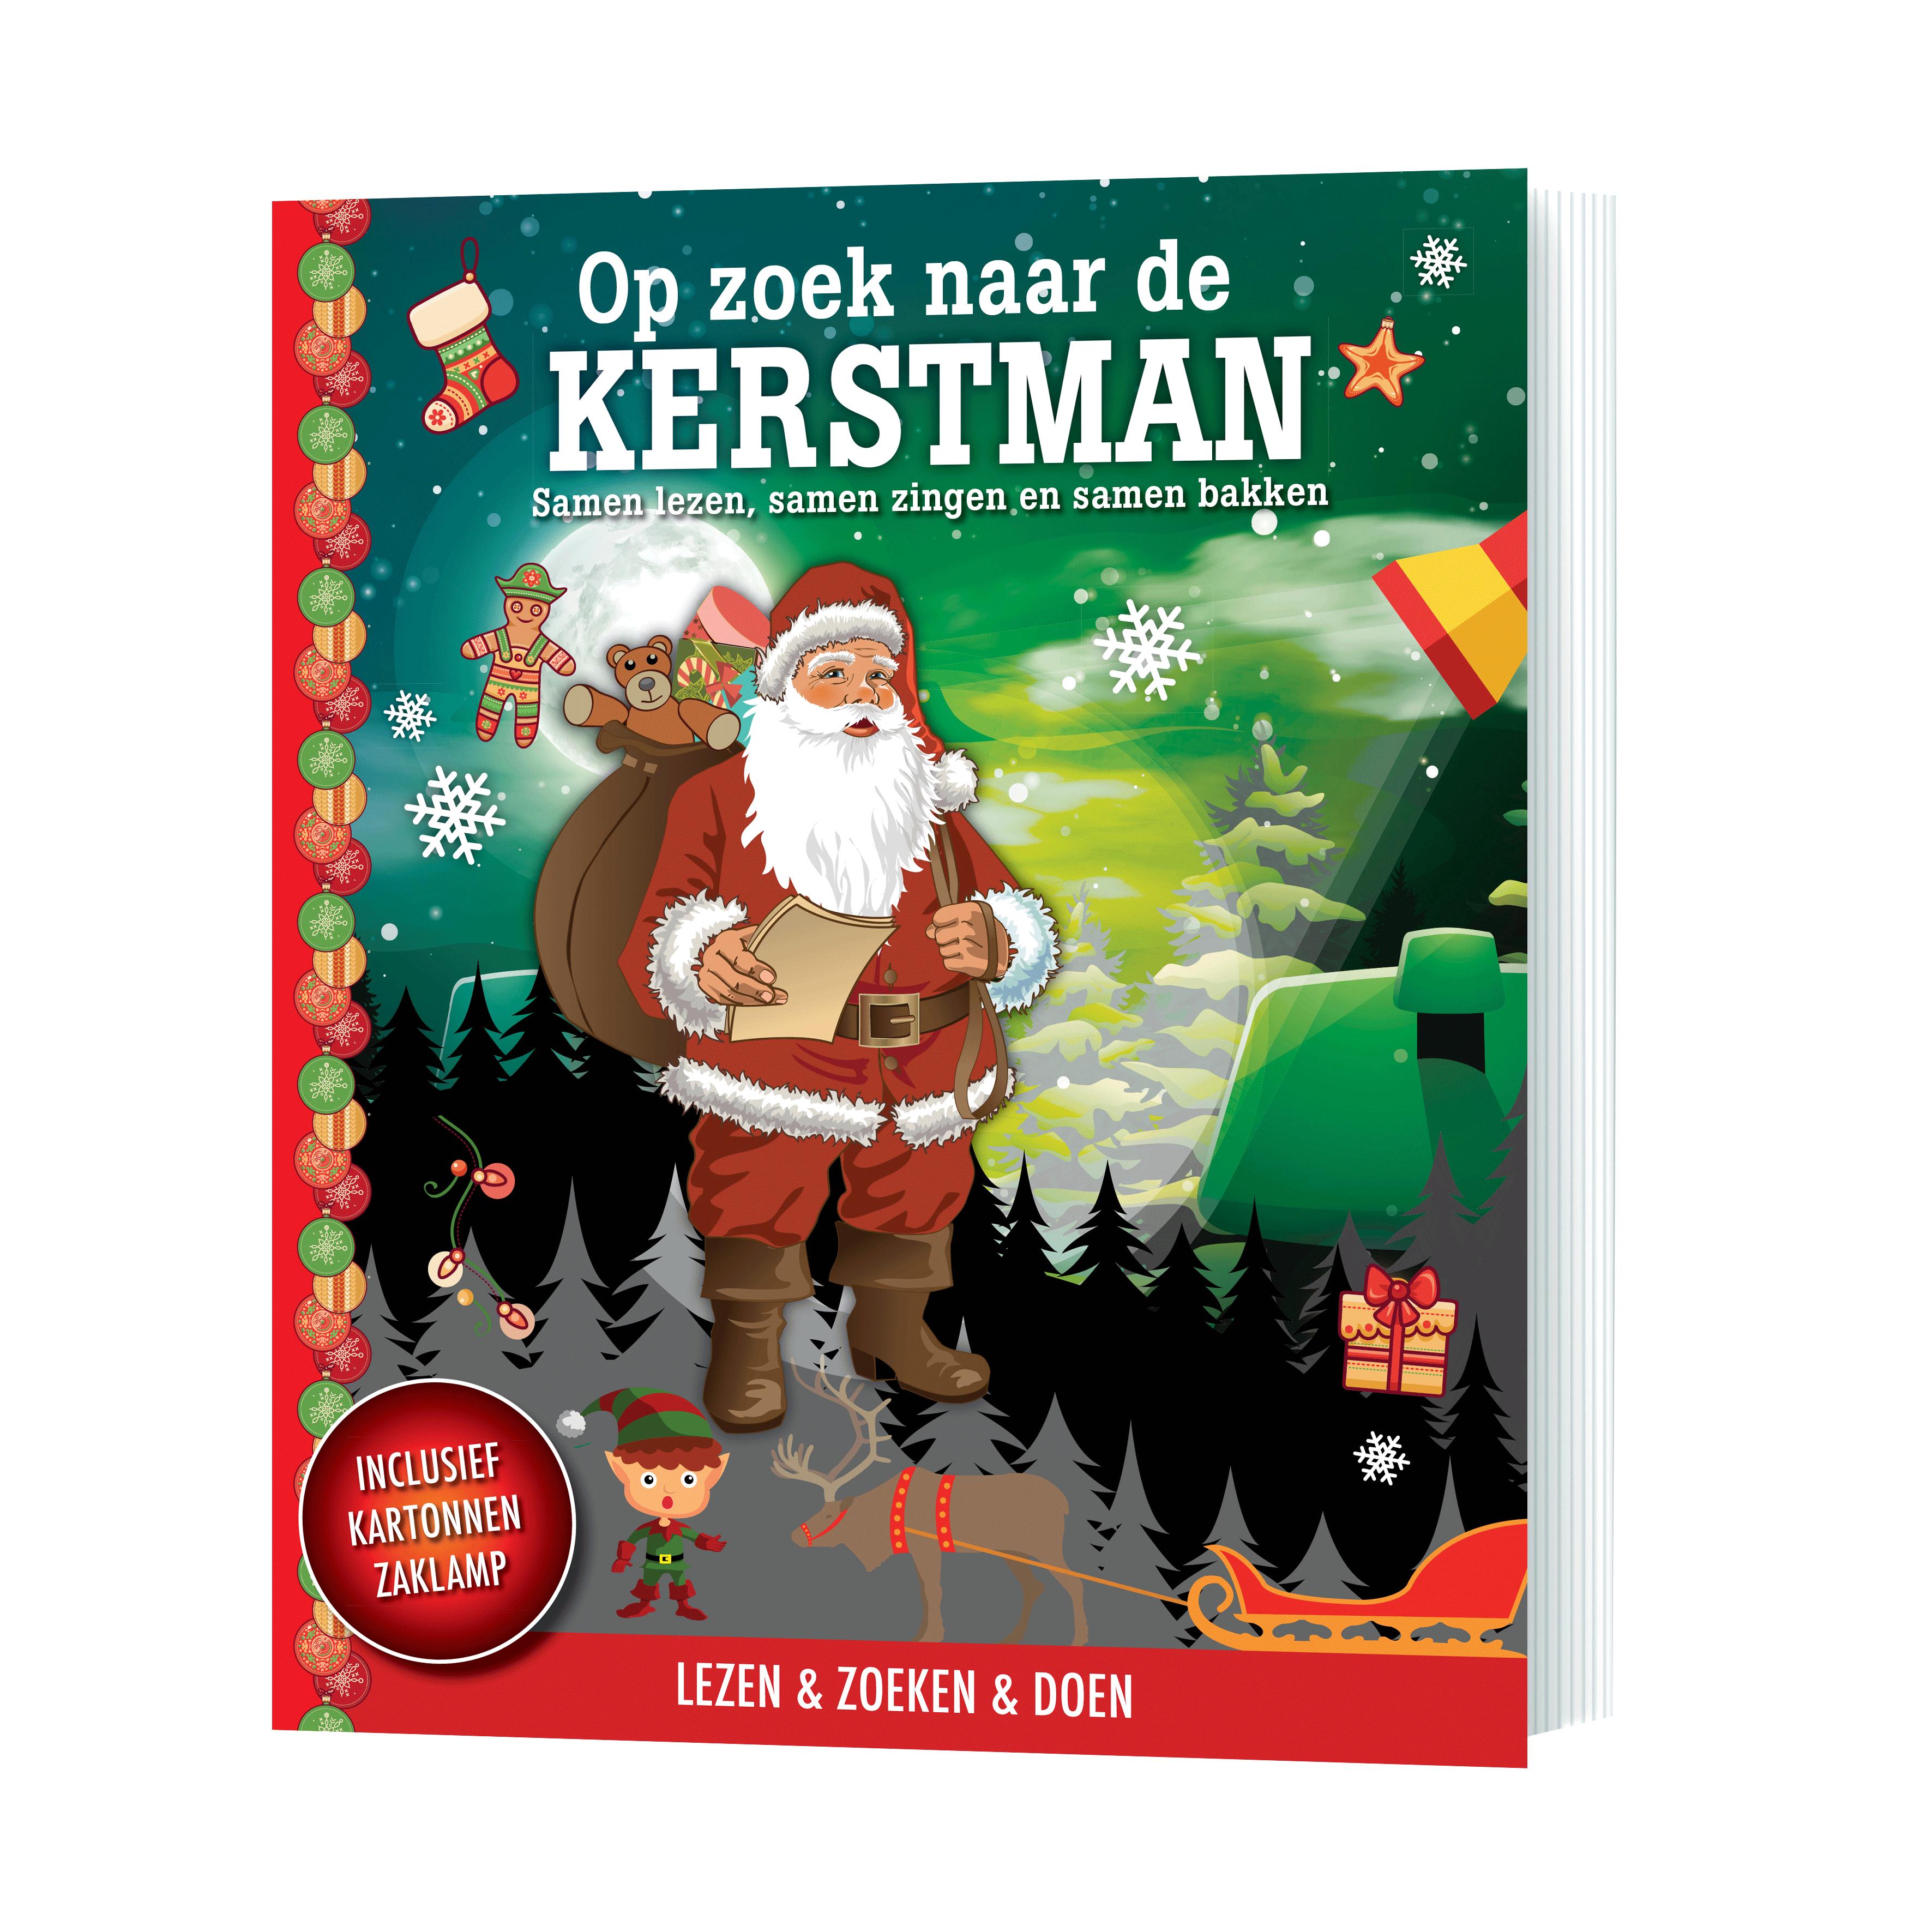 Op zoek naar de Kerstman cover